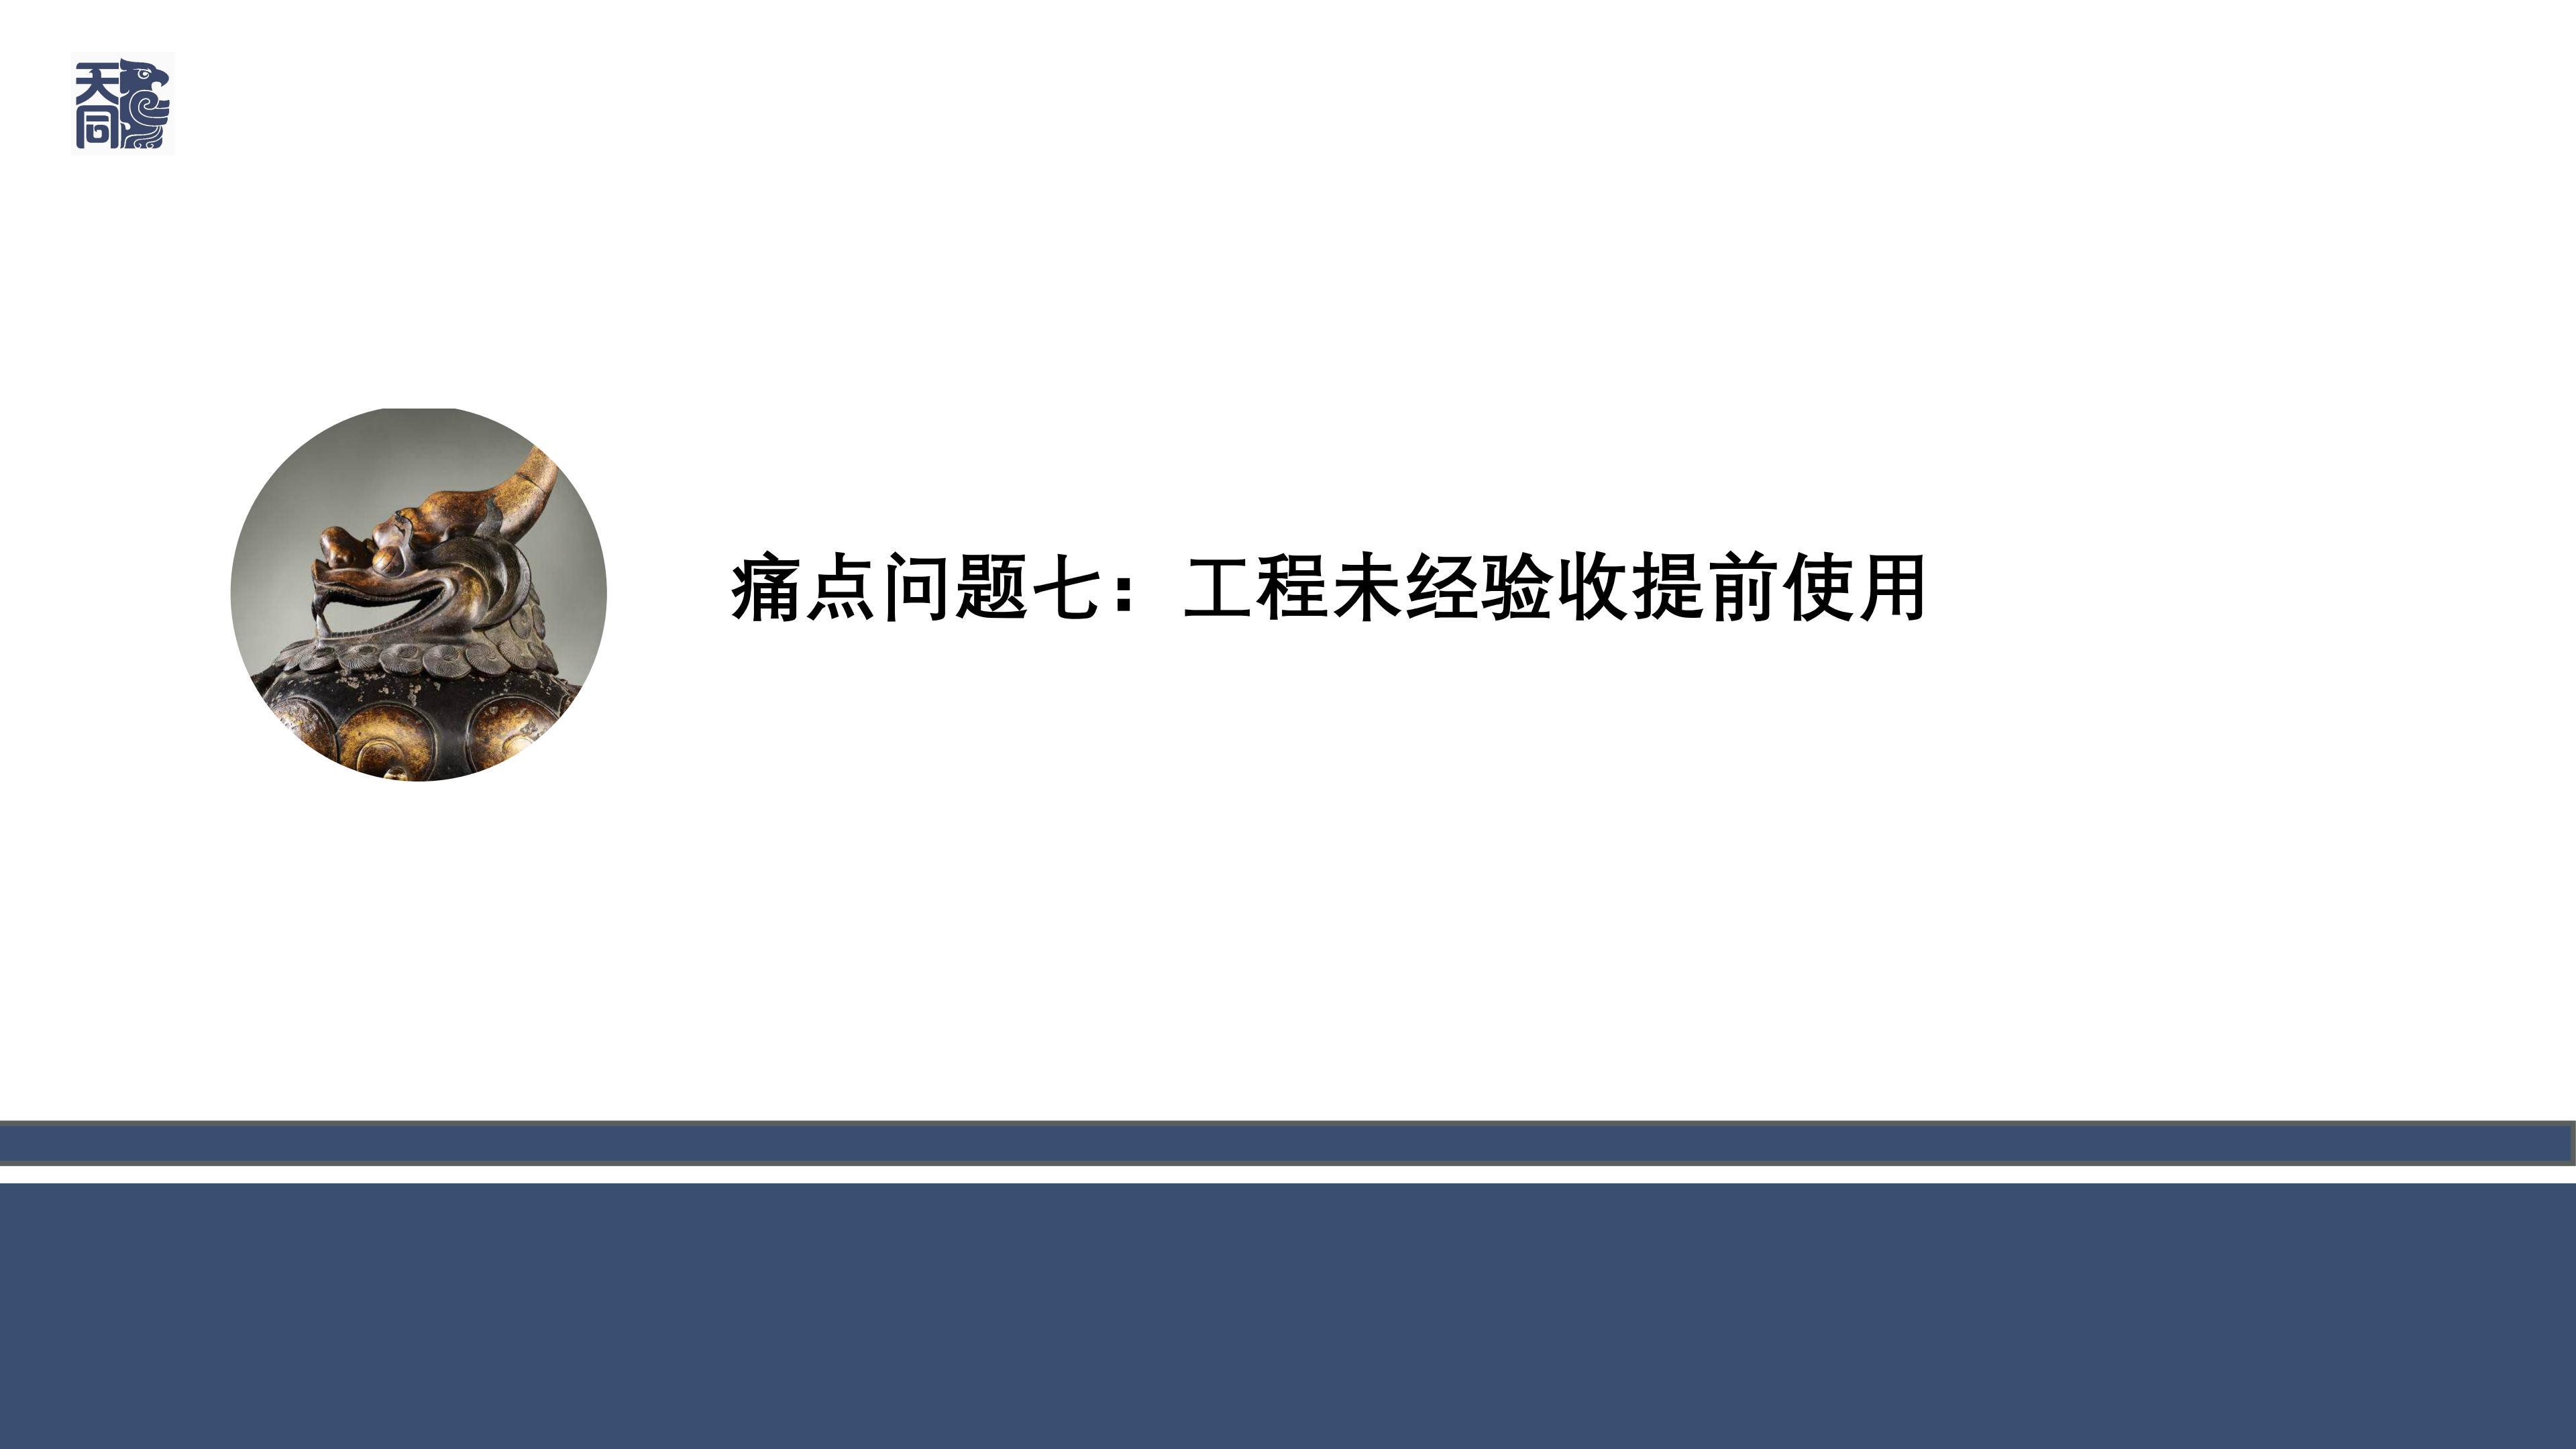 师说法苑 曹文衔 建设工程纠纷案件处理的若干疑难痛点问题研究(一)_91.jpg